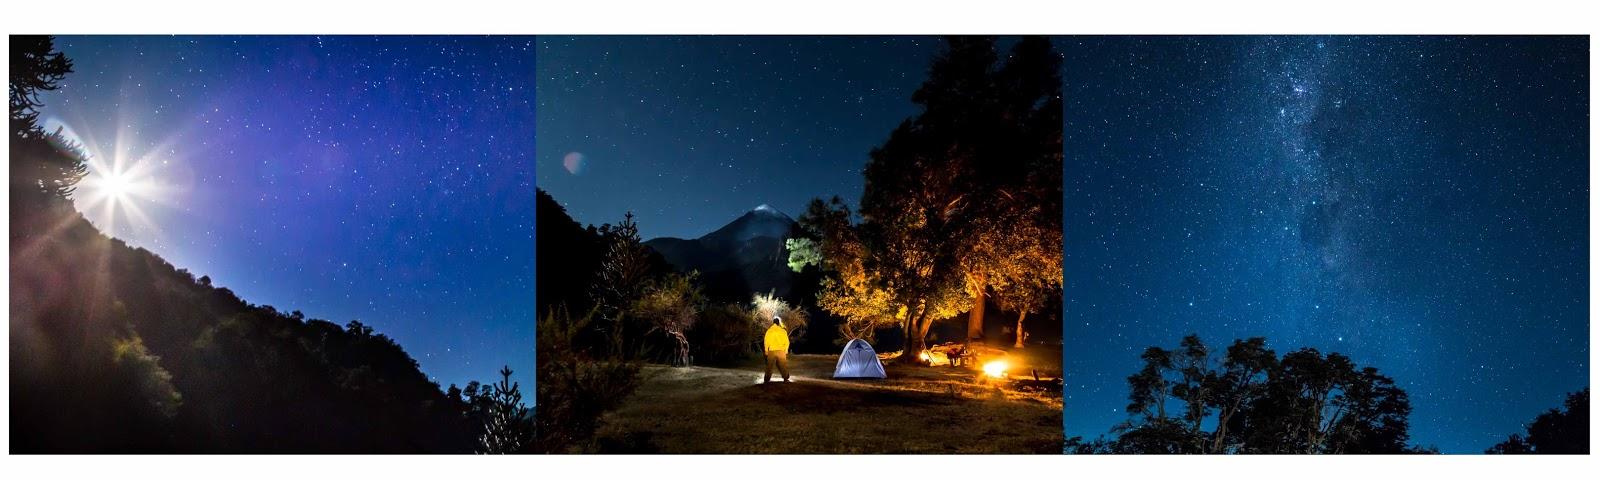 Patagonia Norte Safari Fotográfico y workshop por Alejo Sánchez, fotografía nocturna, photo travel, Volcán Lanín, Parque Nacional Lanín, estrellas,